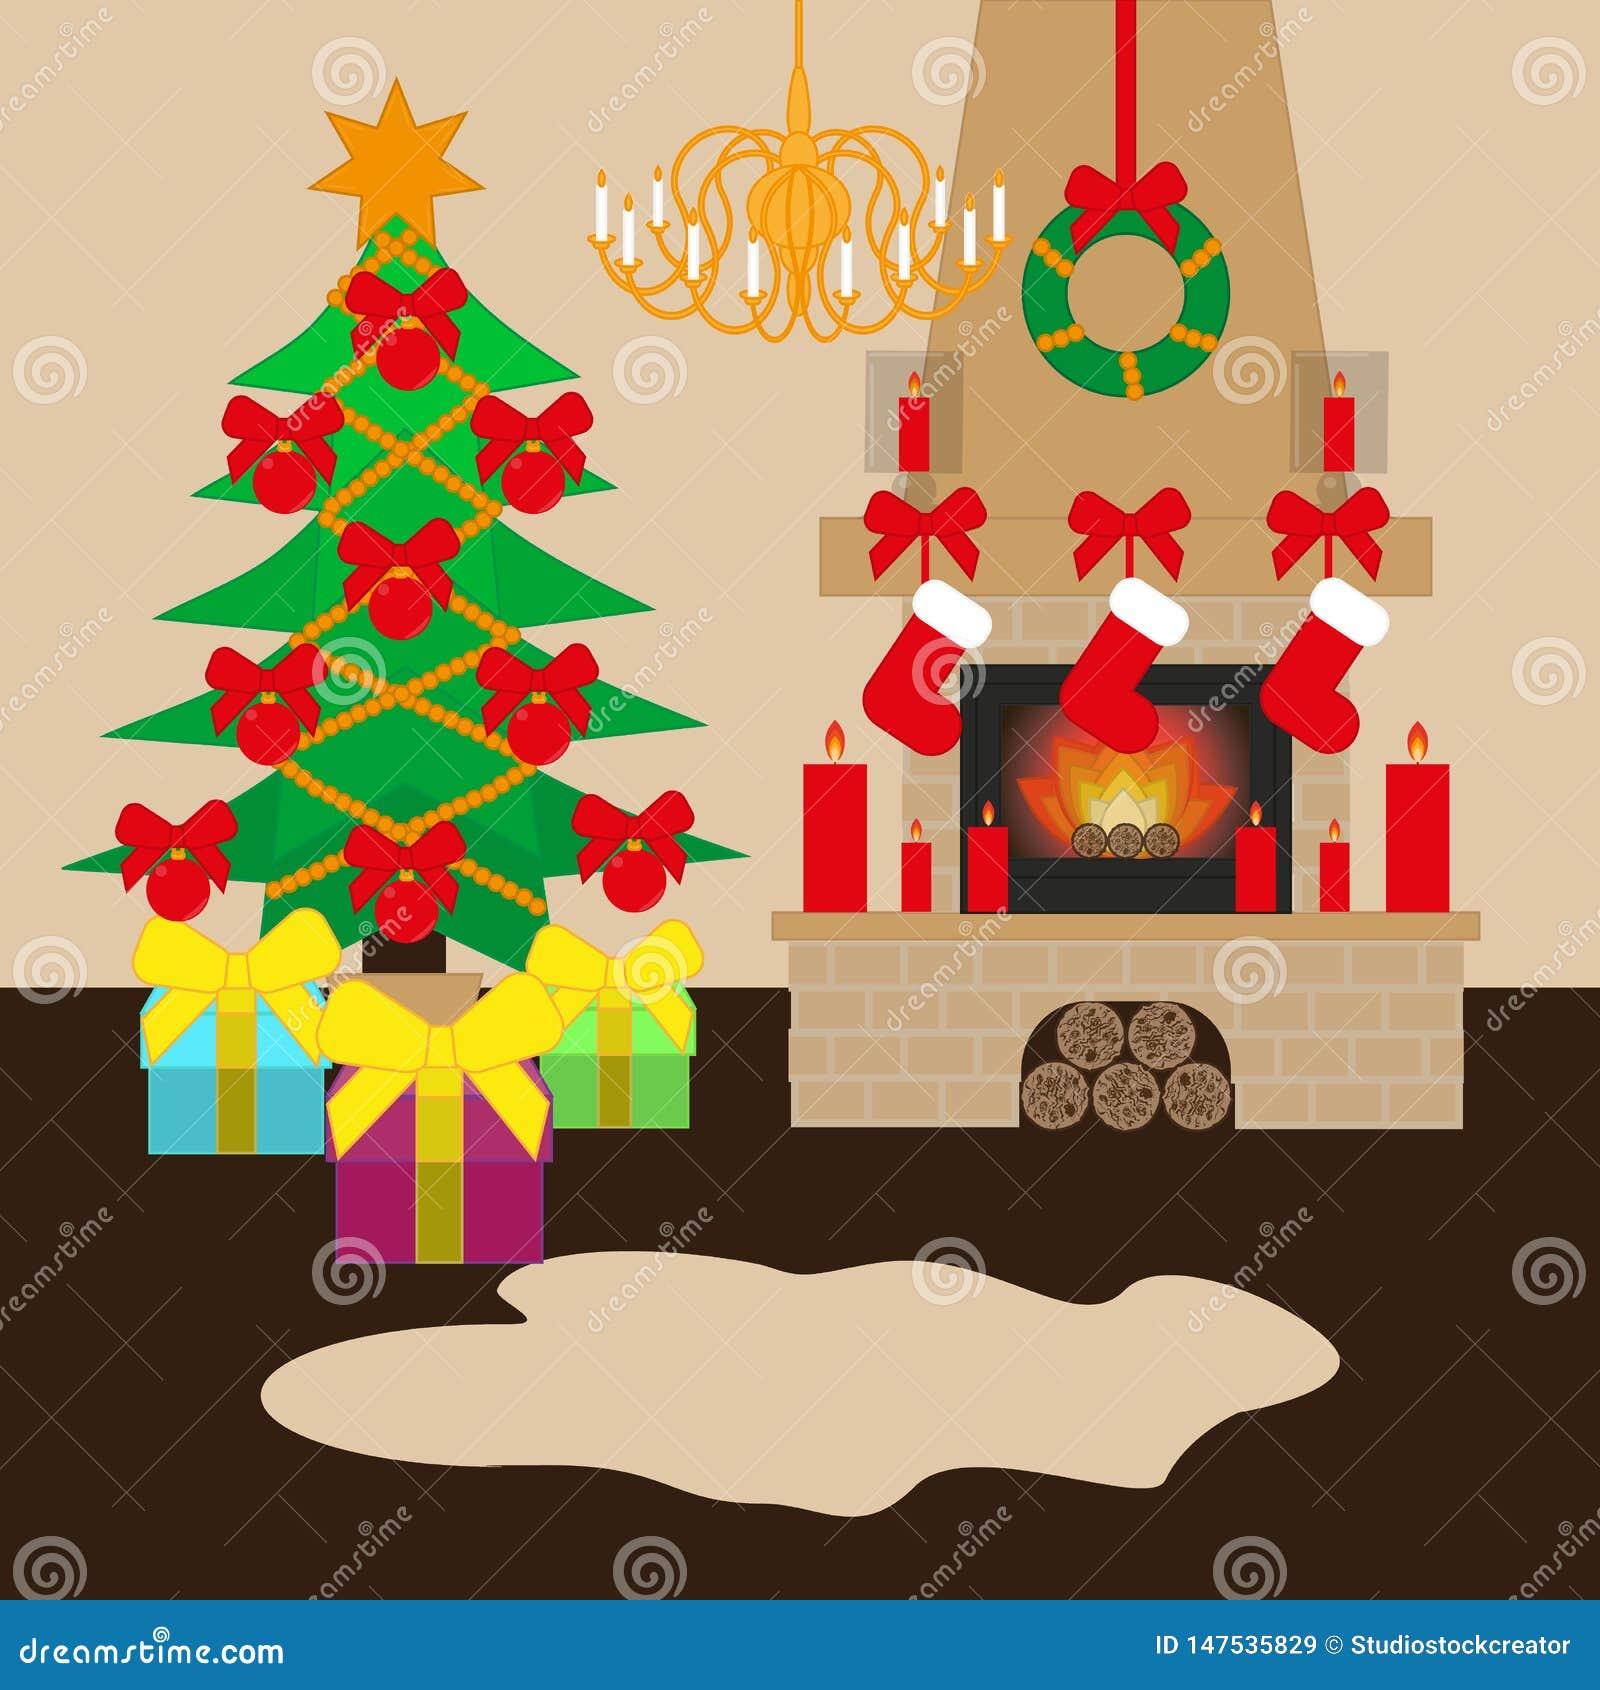 Kerstmis verfraaide ruimte met Kerstmisboom en open haard Vlakke stijl vectorillustratie